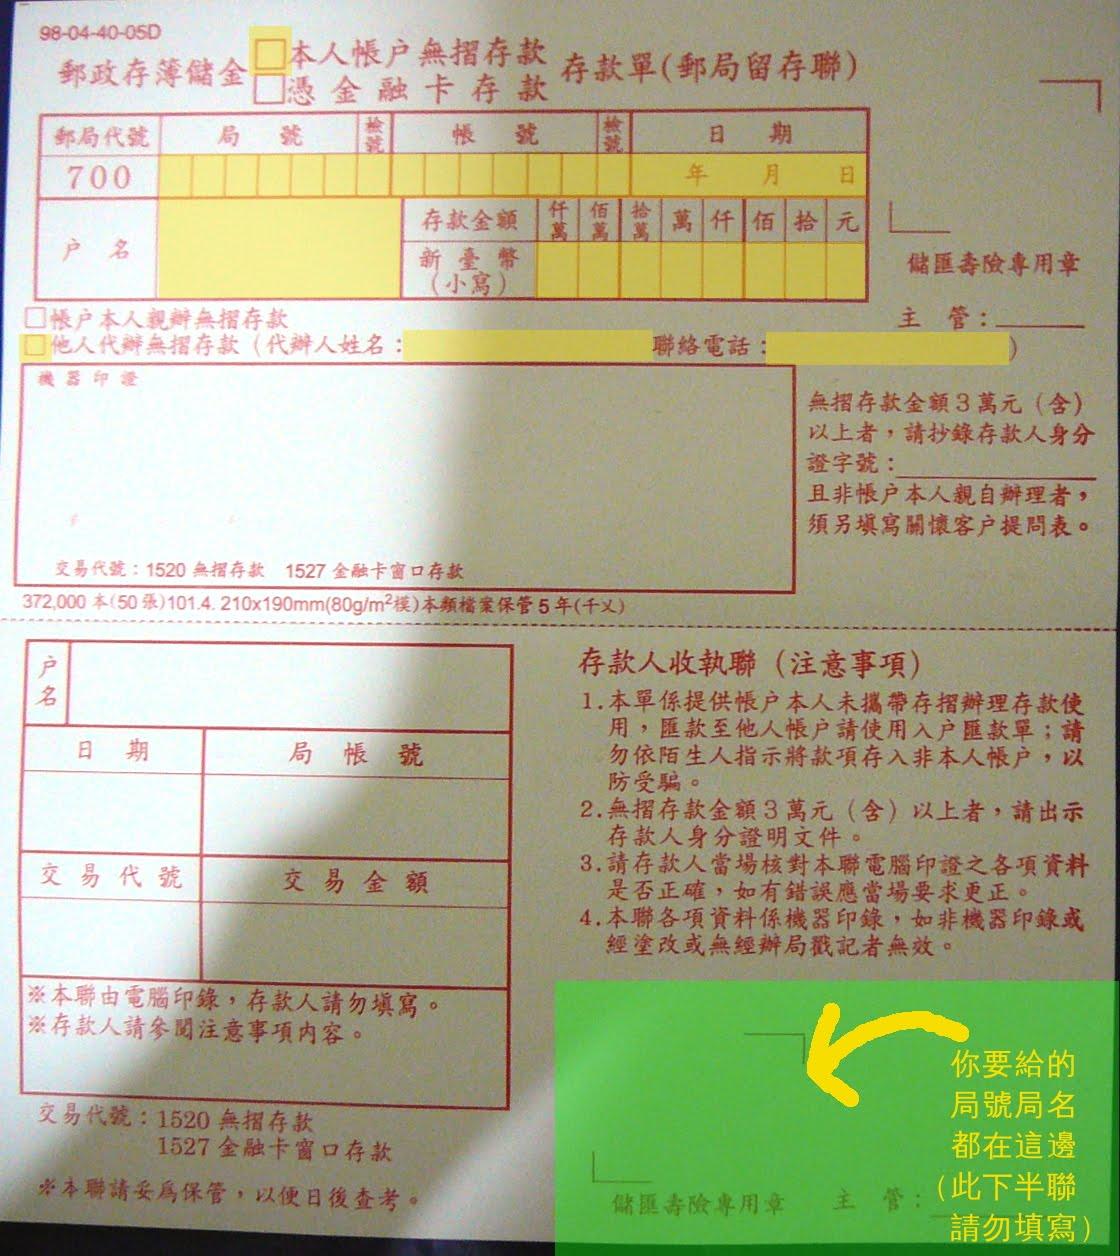 Atelier Wini: [網拍] 何謂無摺存款?在郵局要怎麼辦無摺存款?